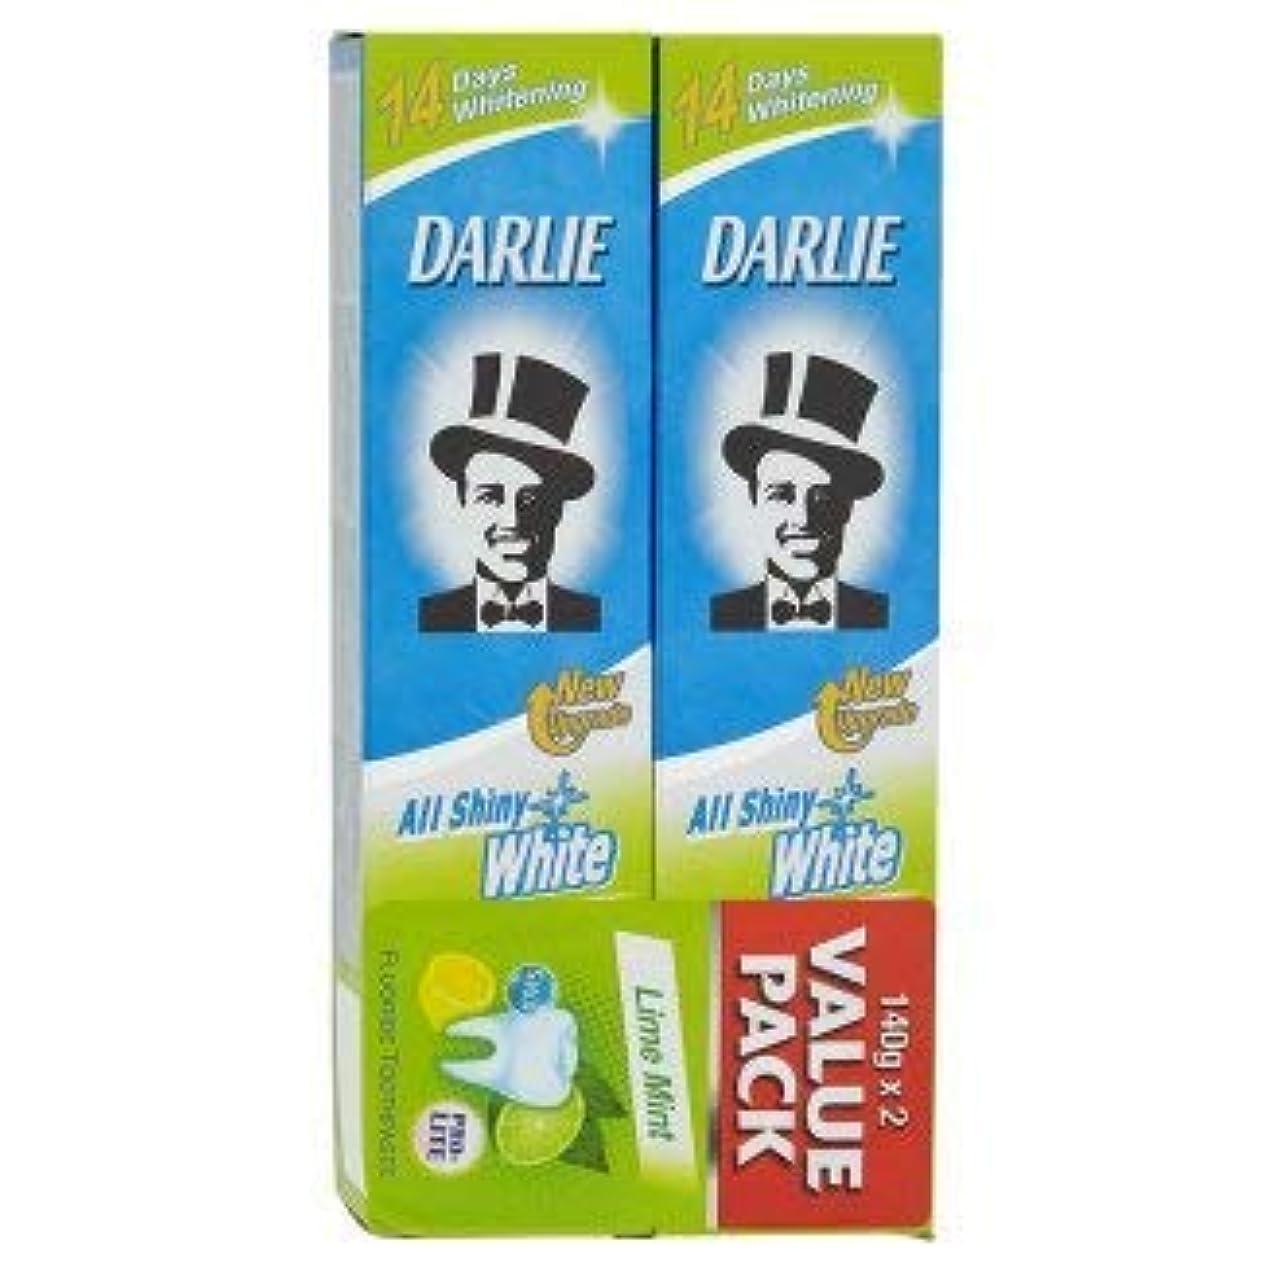 挽くセブン外交問題DARLIE 2つの電力可溶性汚れや緩やかな歯のホワイトニングを提供する新しいデュアルホワイトニングシステム - 全光沢のある白ライムミント140グラム値パックX2を歯磨き粉